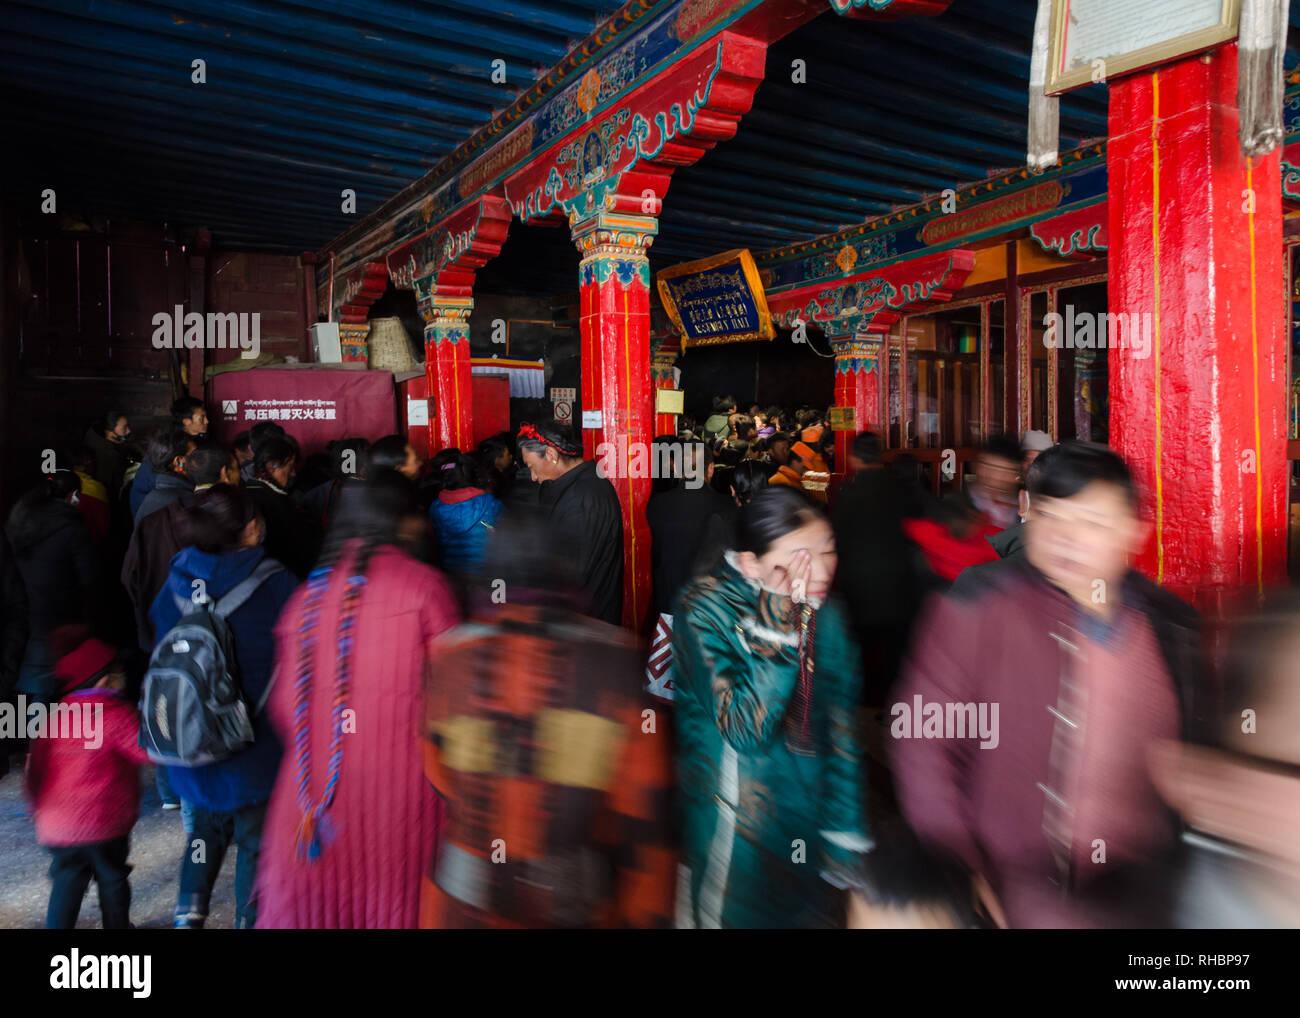 La Folla di Buddista Tibetana pellegrini all'ingresso del monastero di Tashi Lhunpo monastero, Shigatse, nel Tibet Immagini Stock